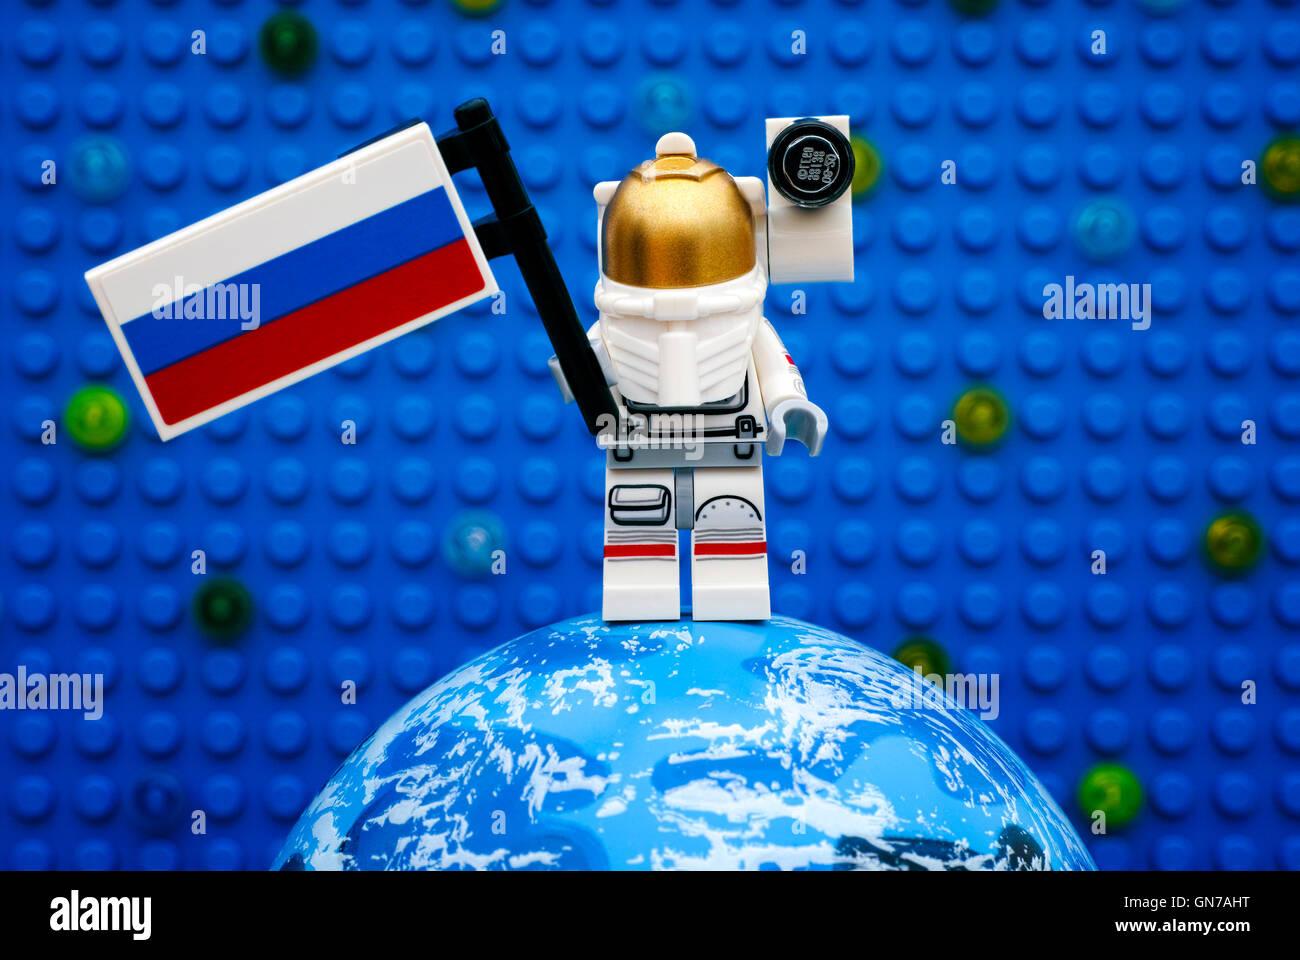 Tambow, Russische Föderation - 6. Juli 2016 Lego Spaceman Minifigur mit russischer Flagge auf Planeten gegen Stockbild